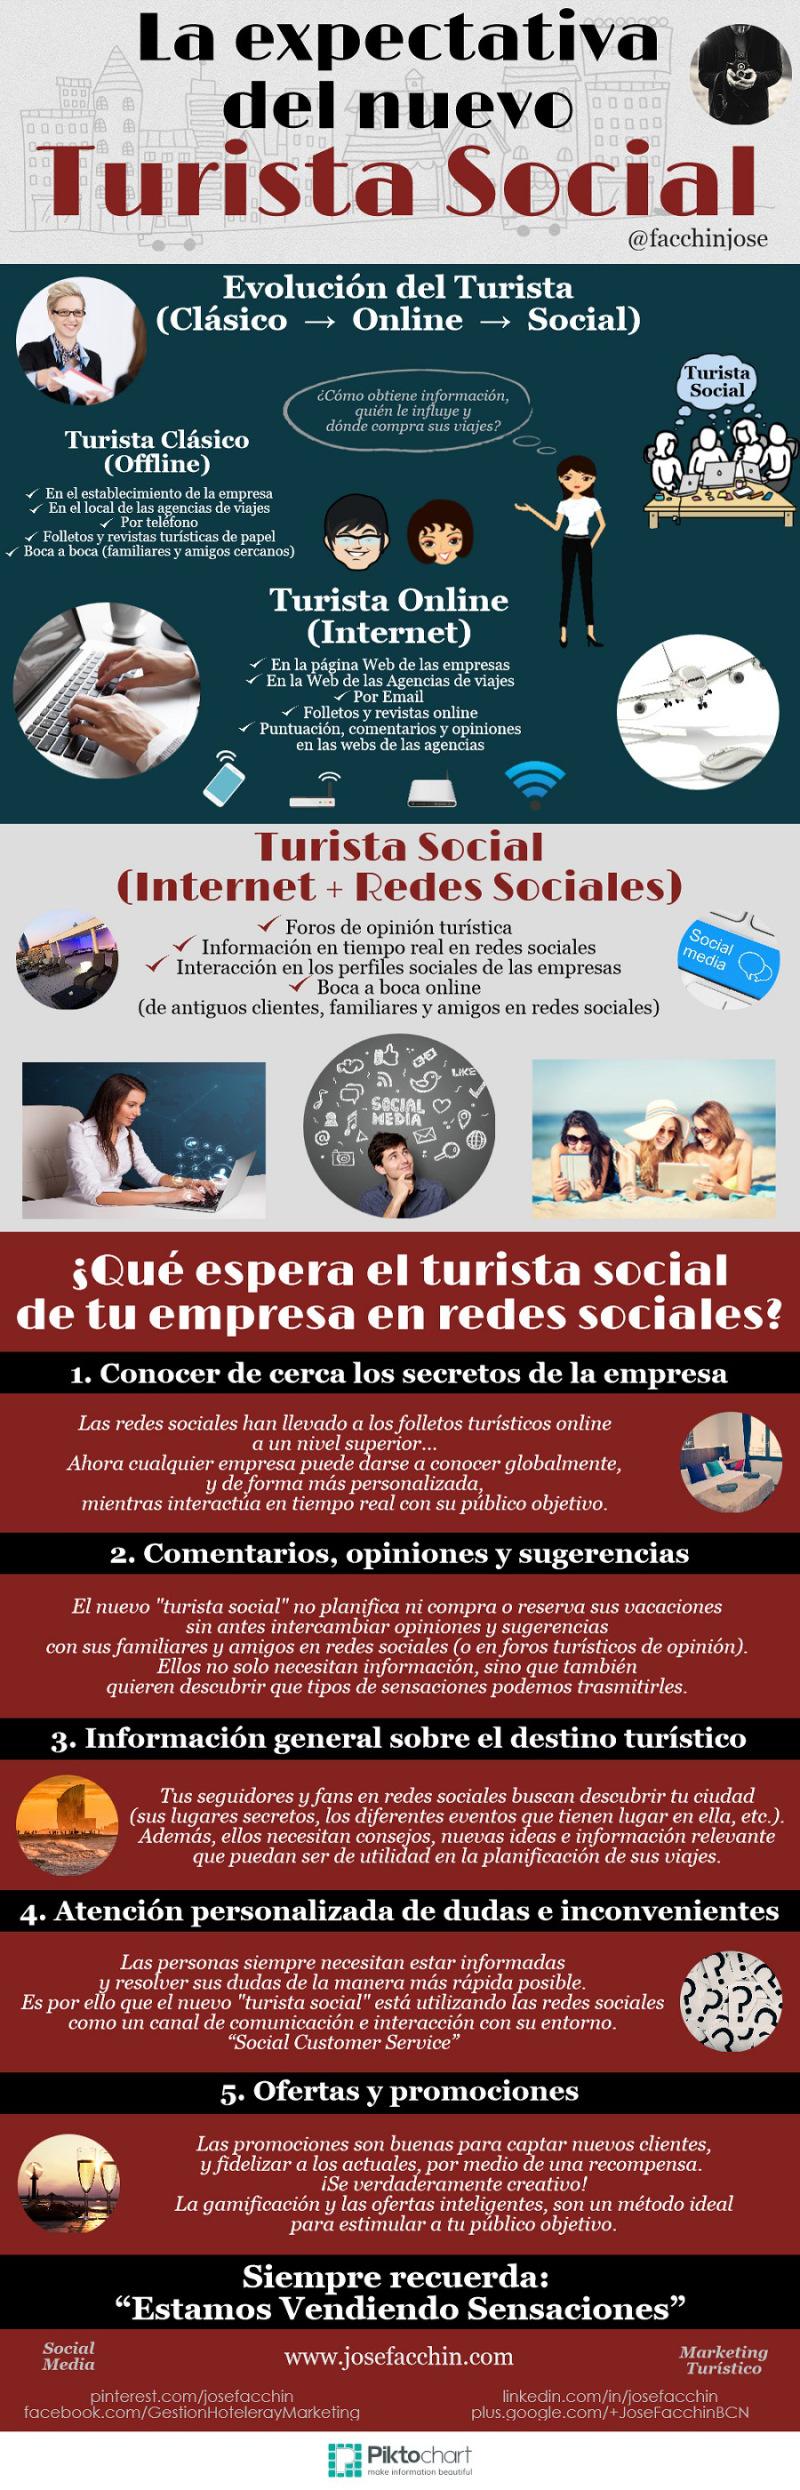 ¿Qué espera el turista social de tu empresa en redes sociales?